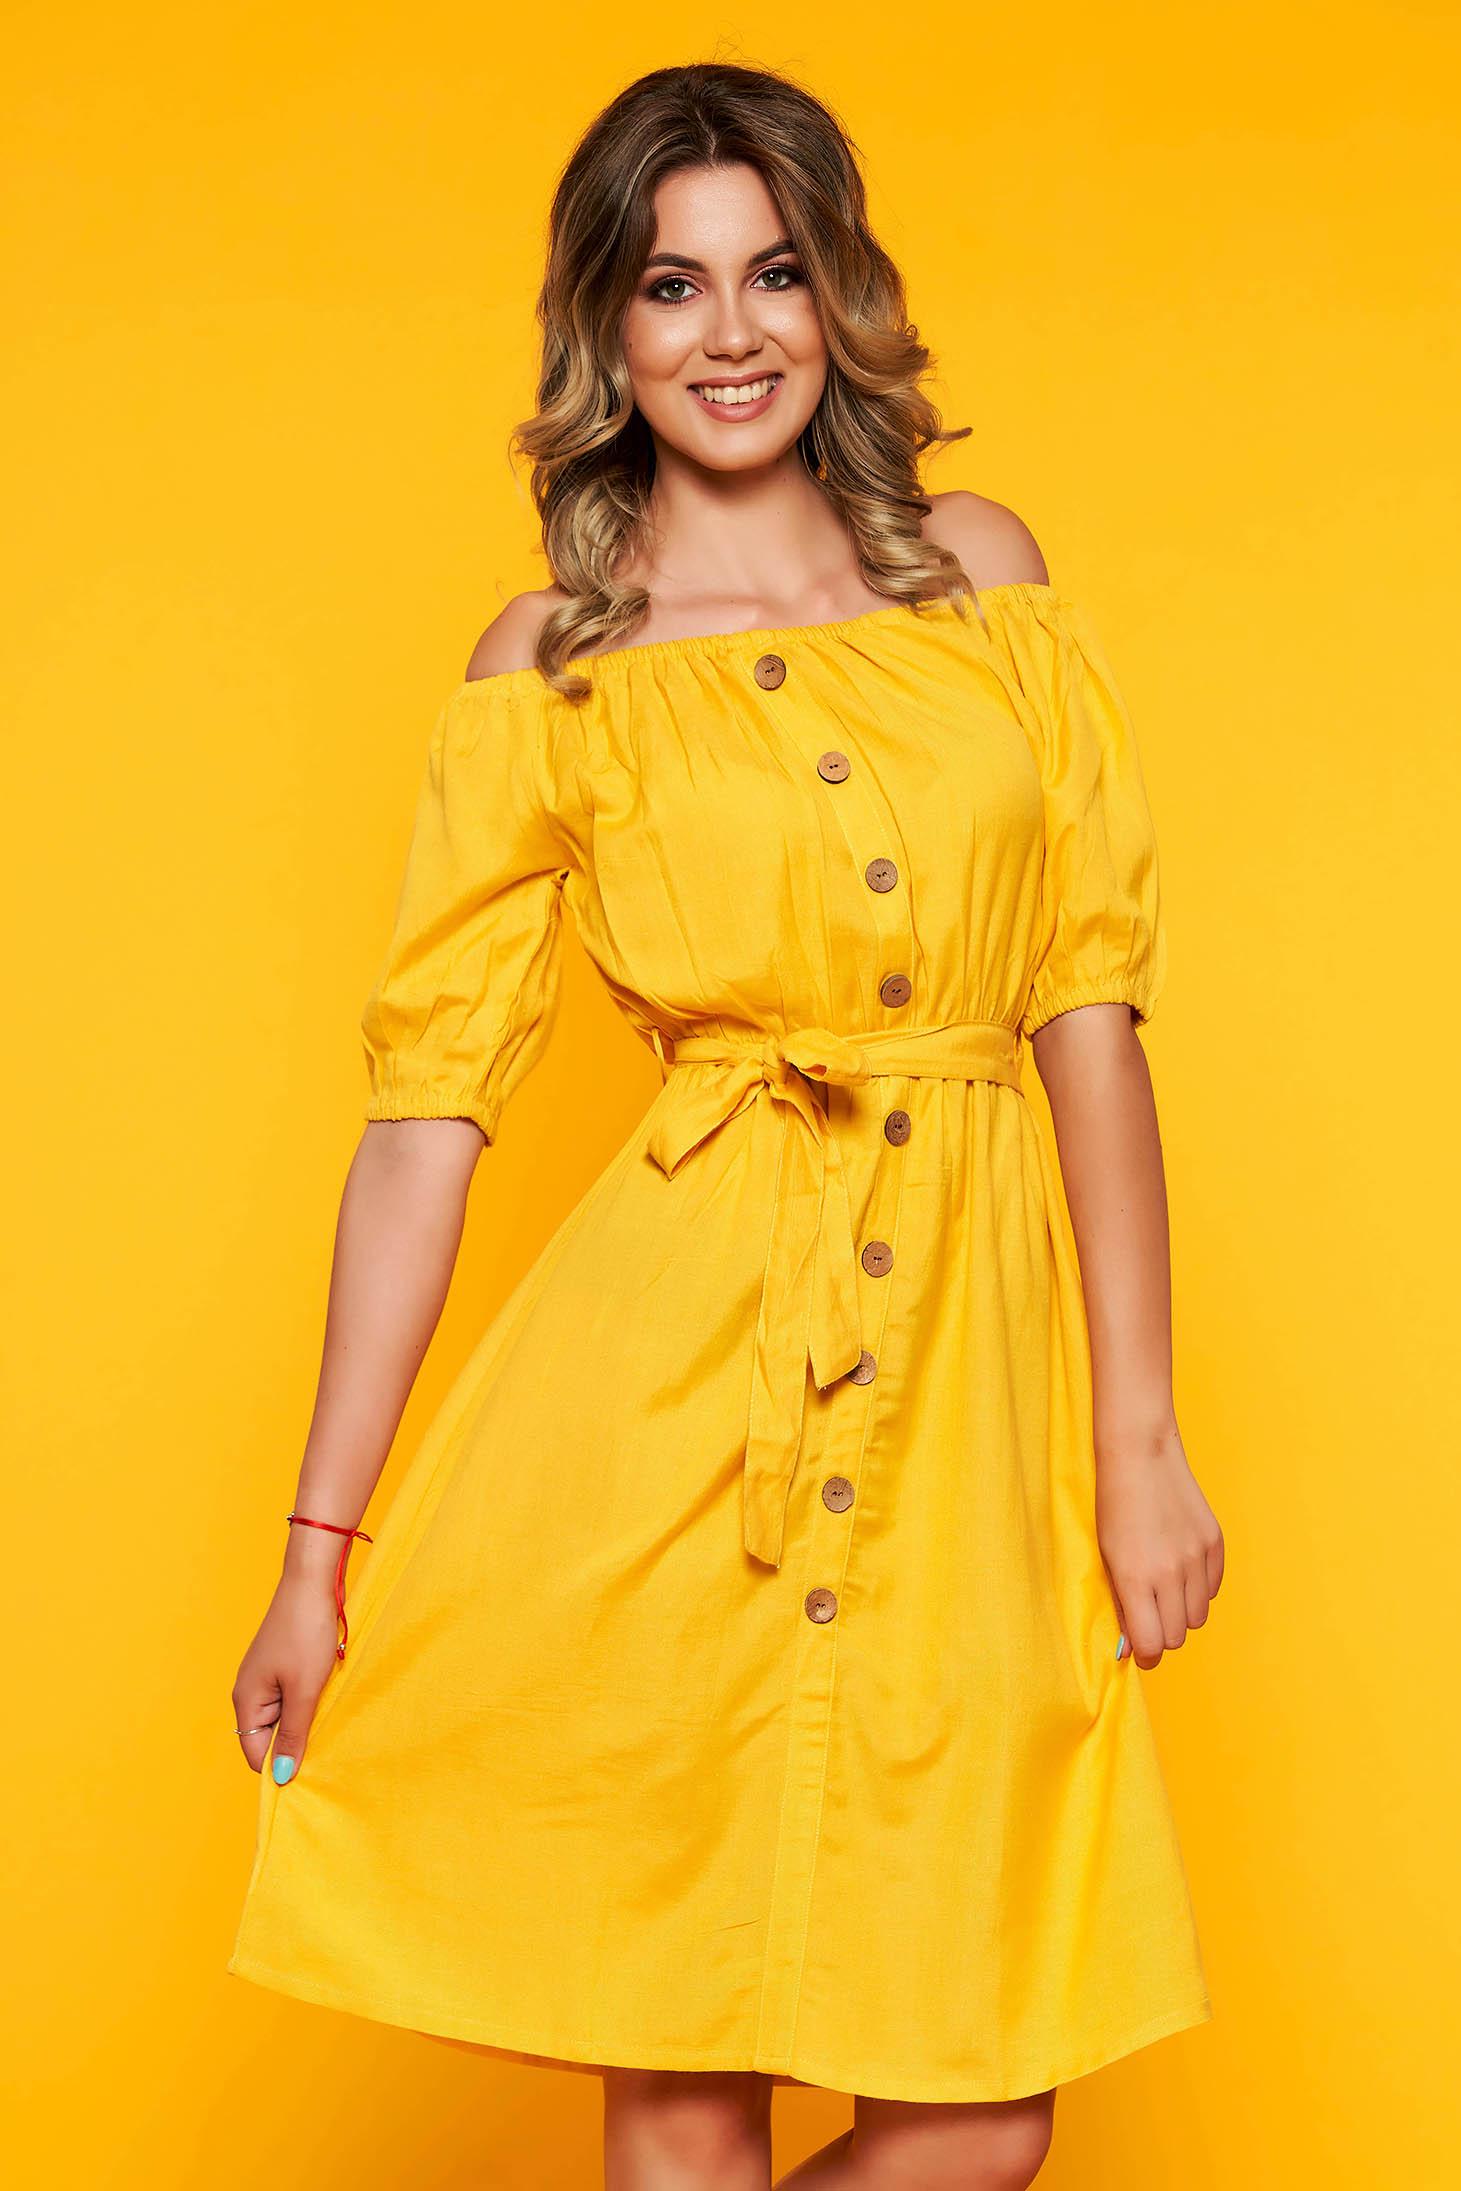 Sárga casual harang ruha övvel ellátva